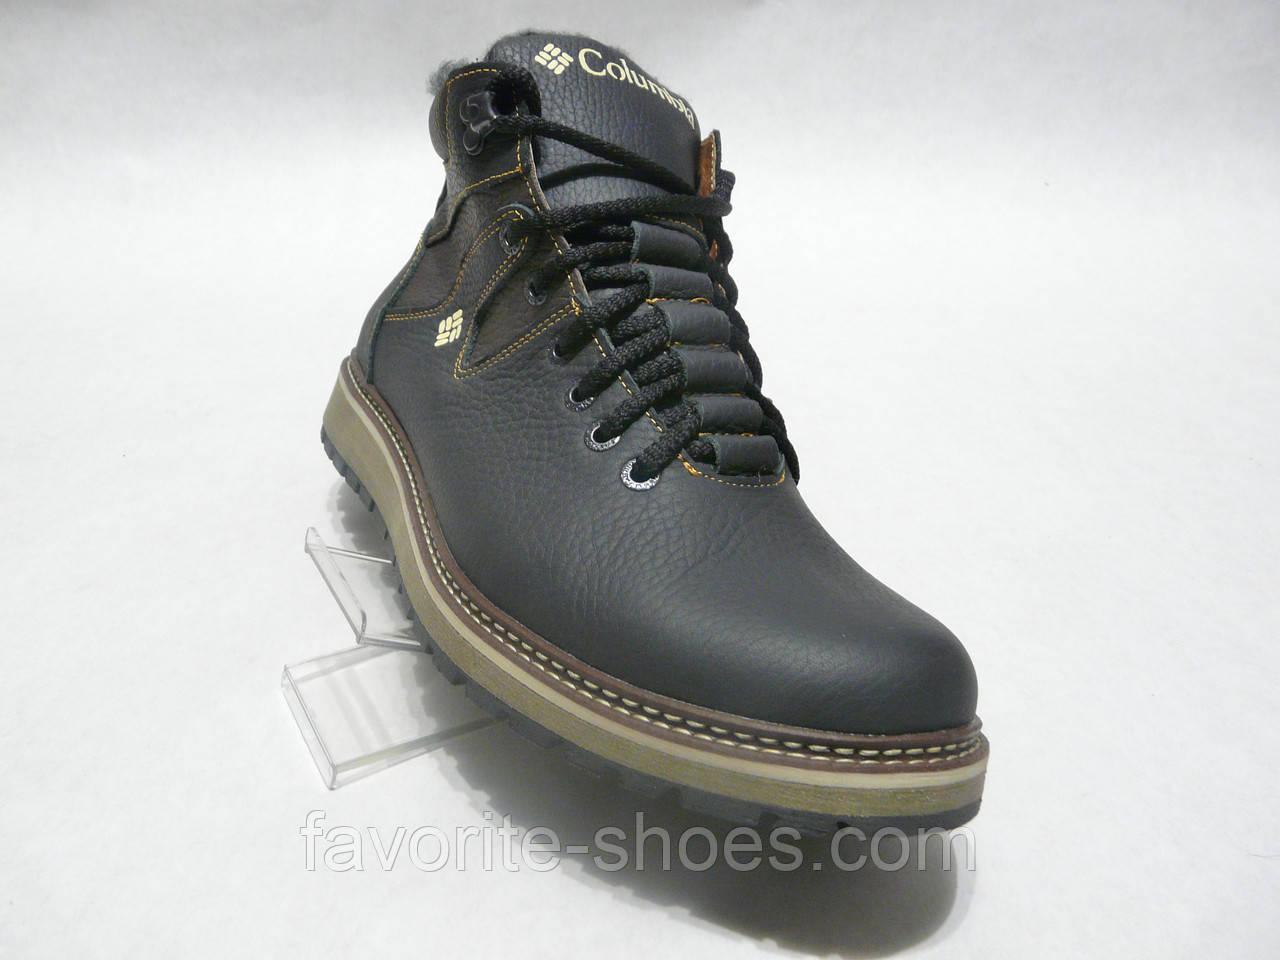 dc7e78de4 Зимние мужские кожаные ботинки Columbia конфорт: продажа, цена в ...